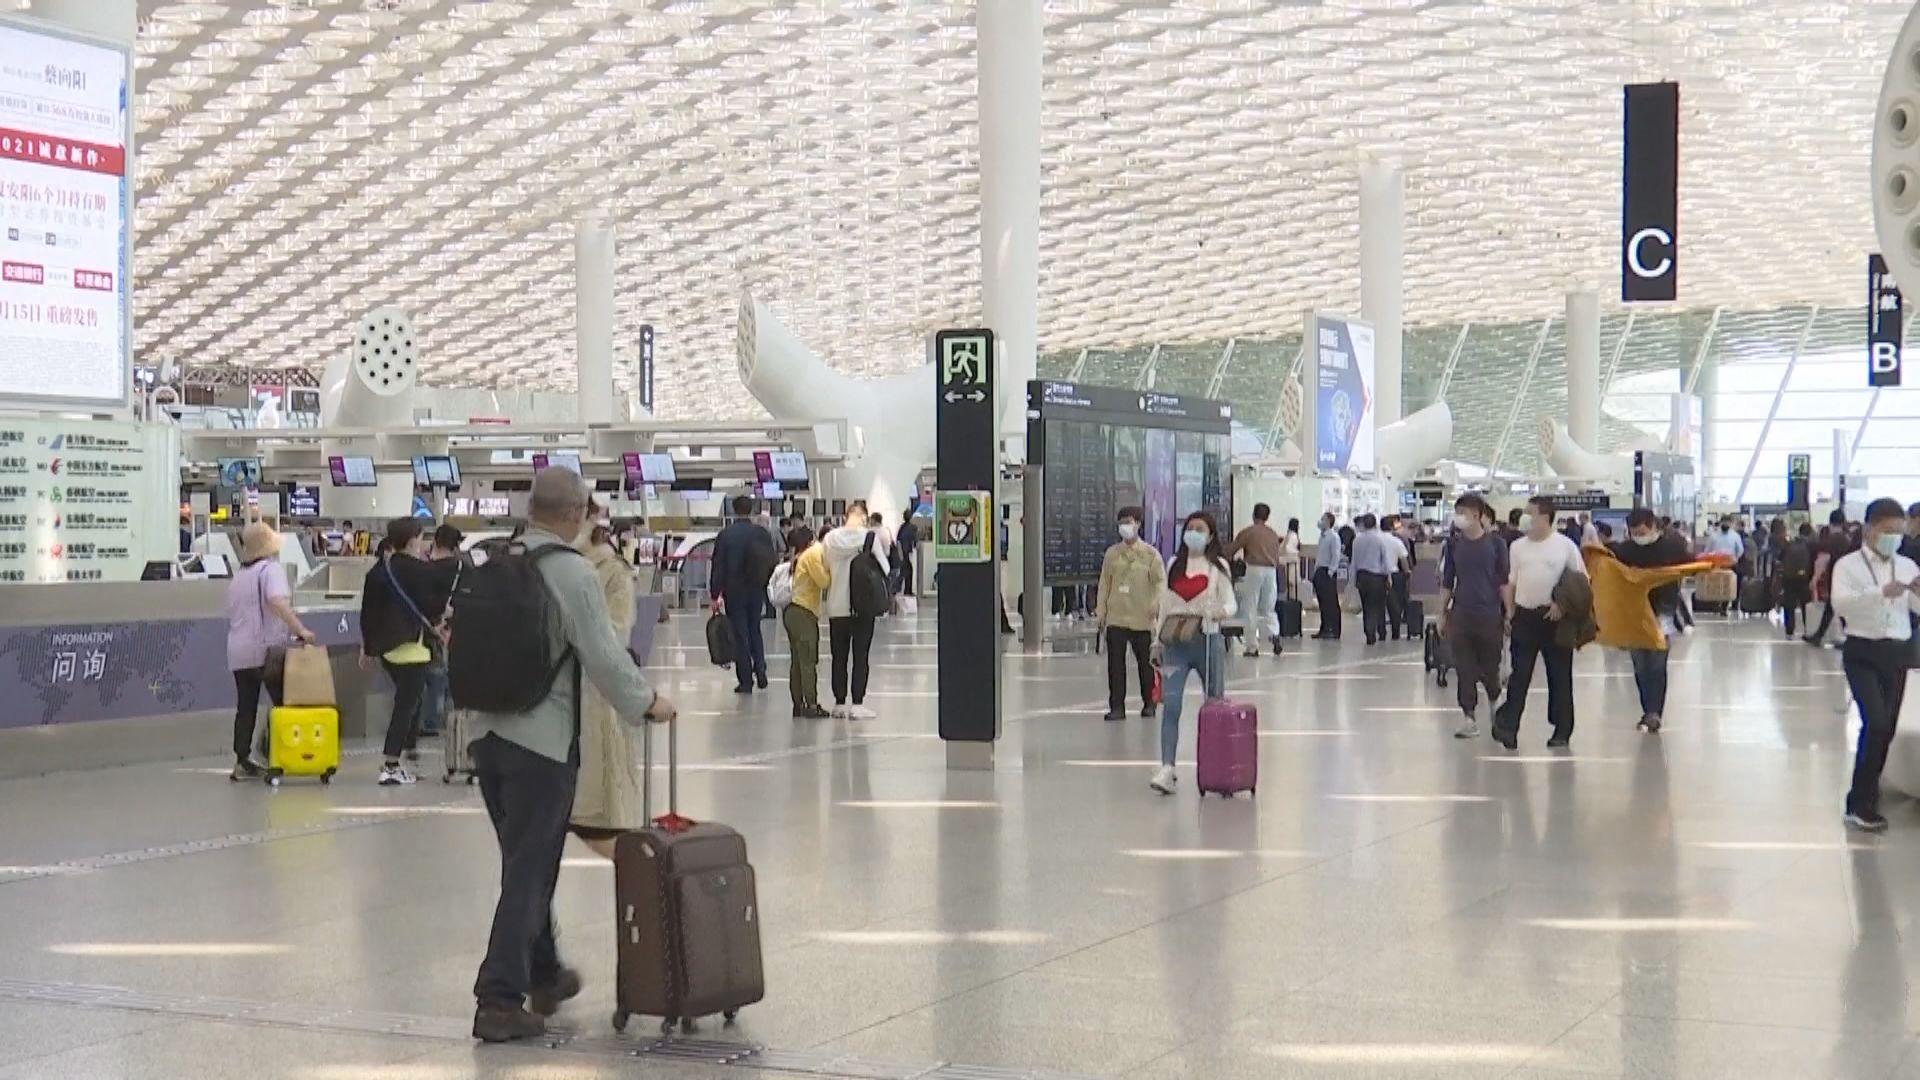 埃及赴華兩航班108人檢測呈陽性 多個航班停飛